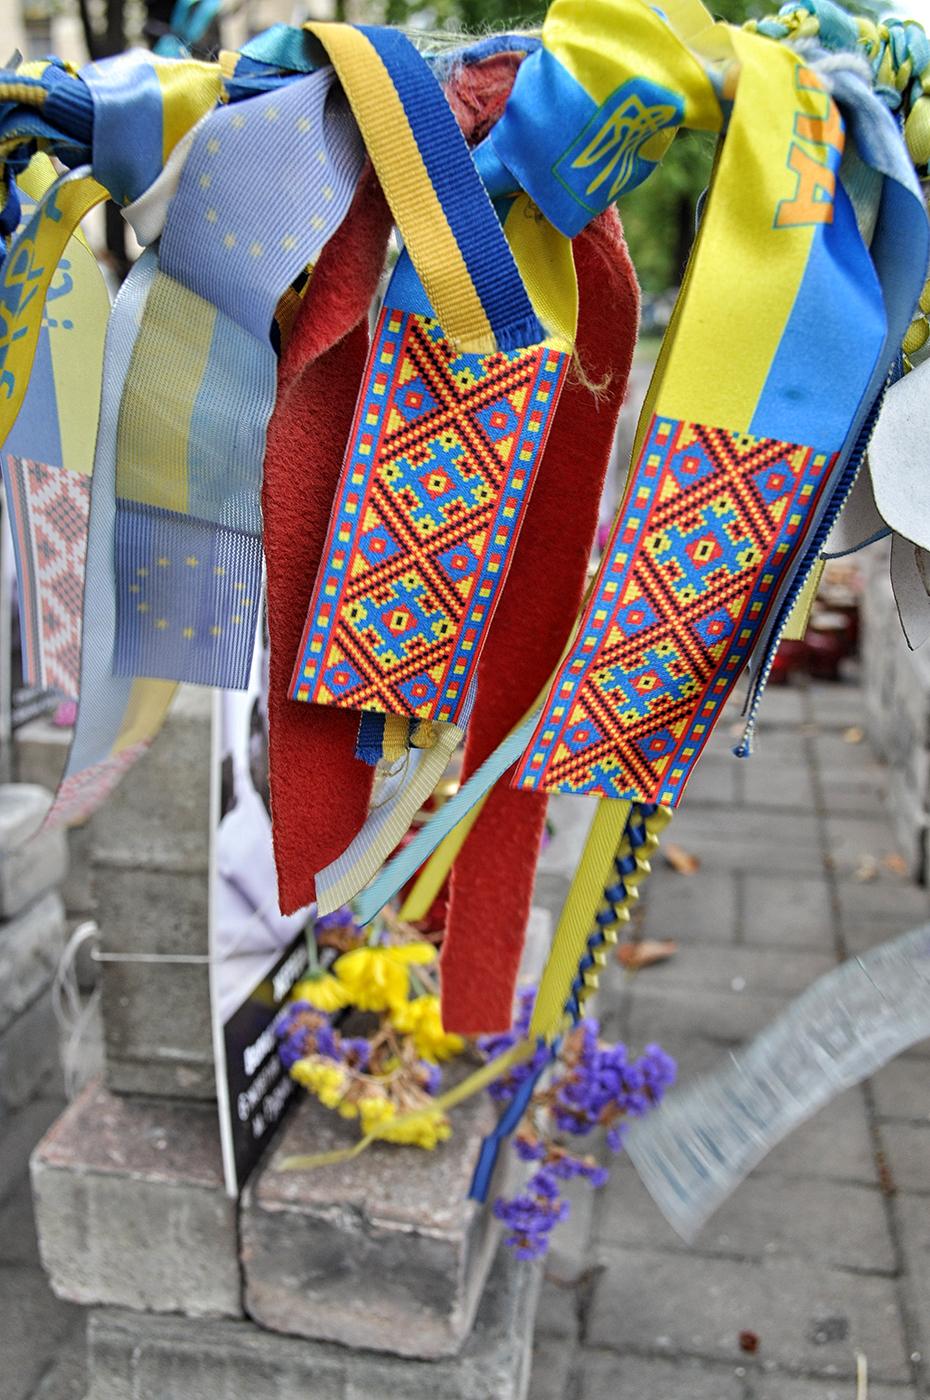 flaga ukrainy znaczenie